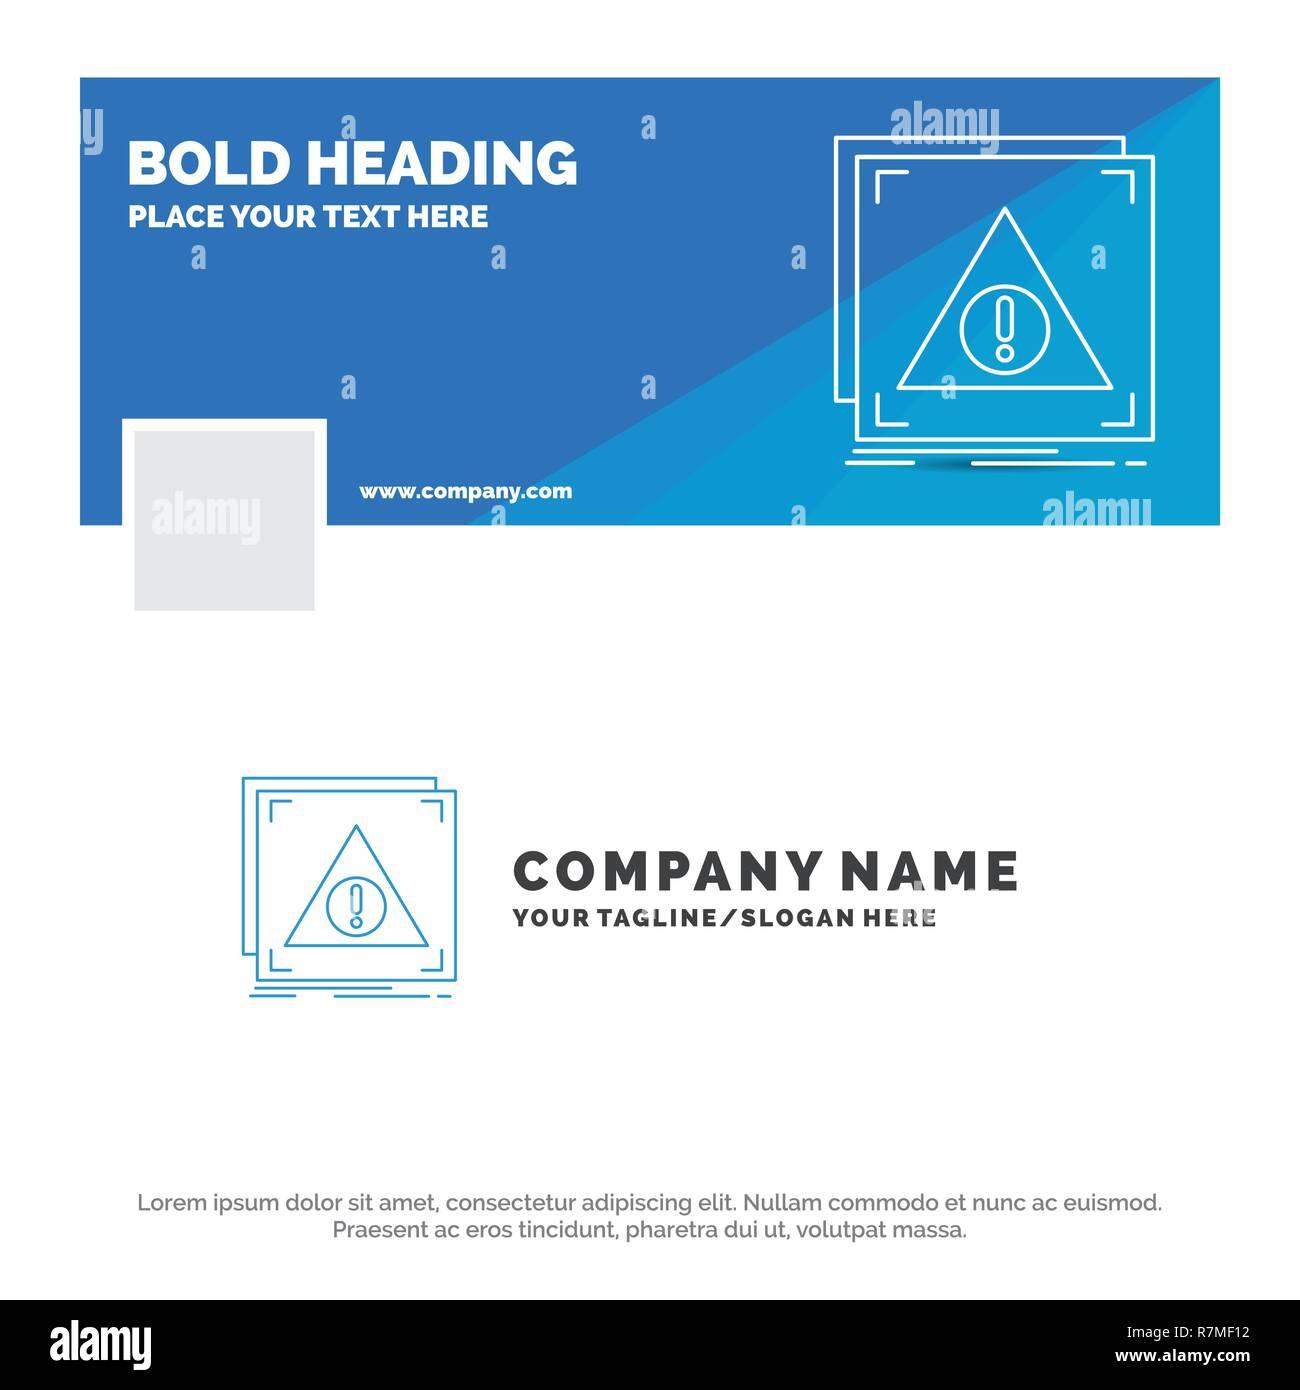 Blue Business Logo Template for Error, Application, Denied, server, alert. Facebook Timeline Banner Design. vector web banner background illustration - Stock Image